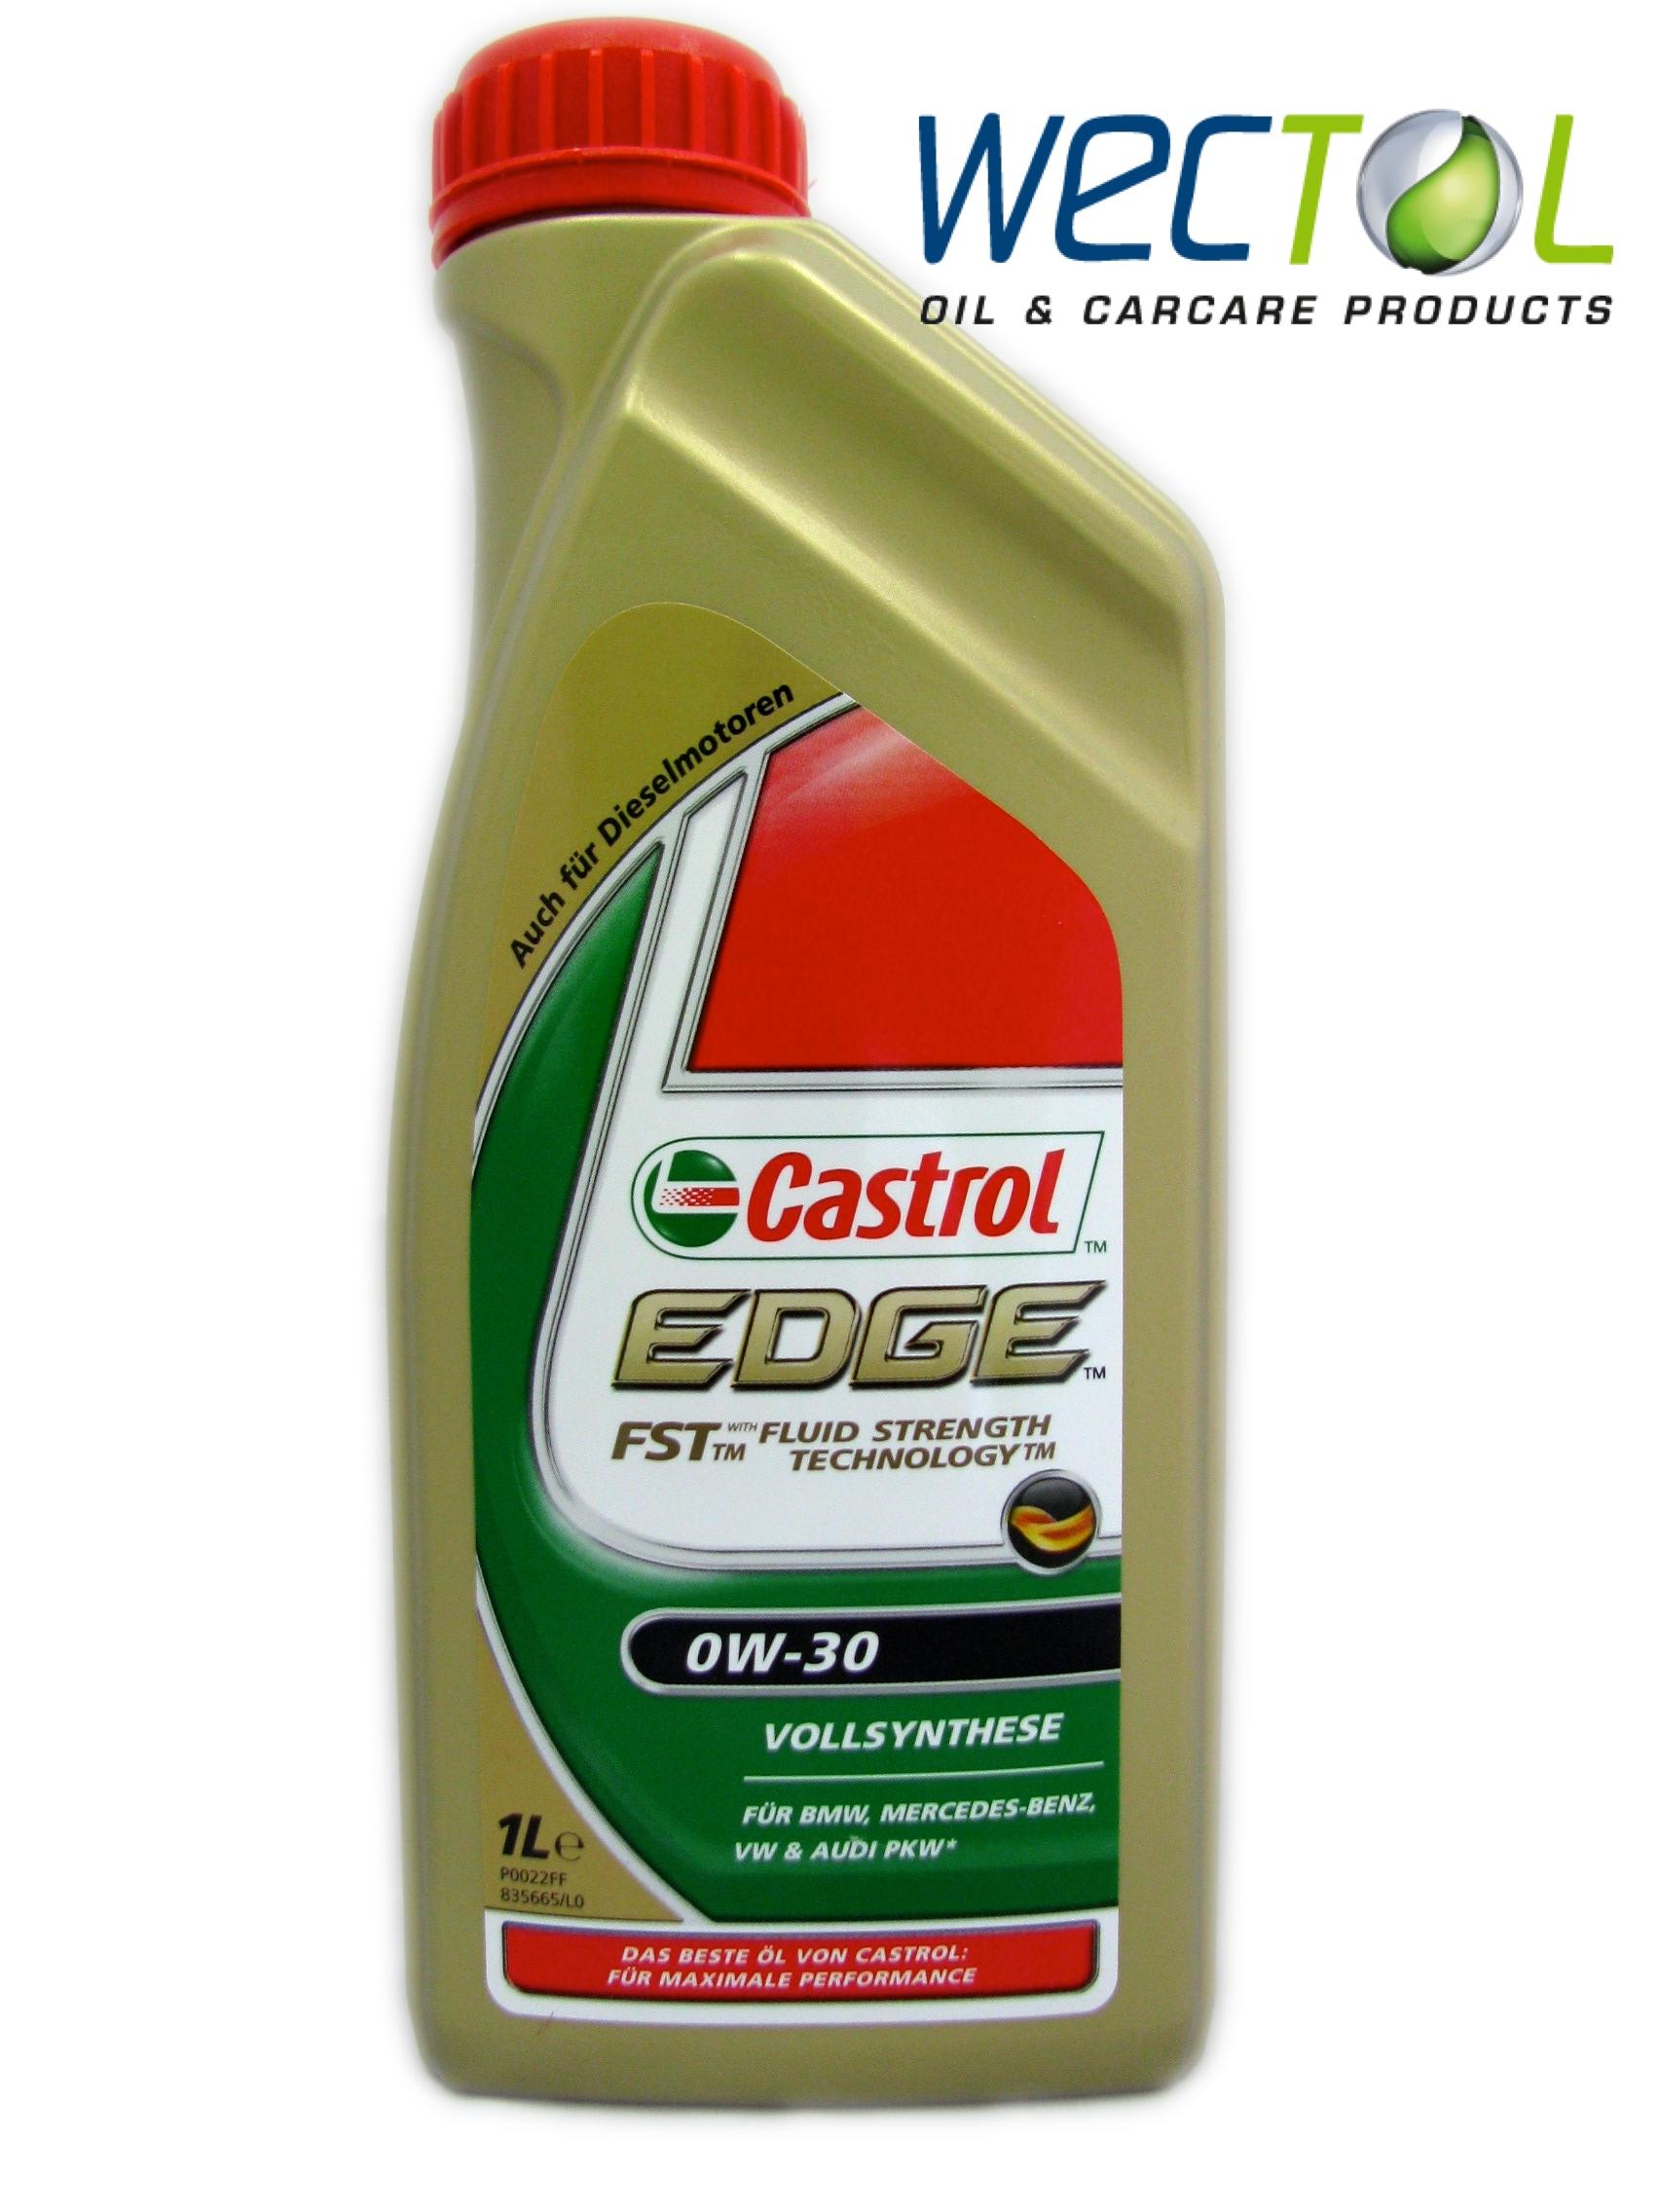 Castrol-FST-0W-30-Longlife-BMW-MB-VW-0W30-Honda-C3-Motoroel-LL04